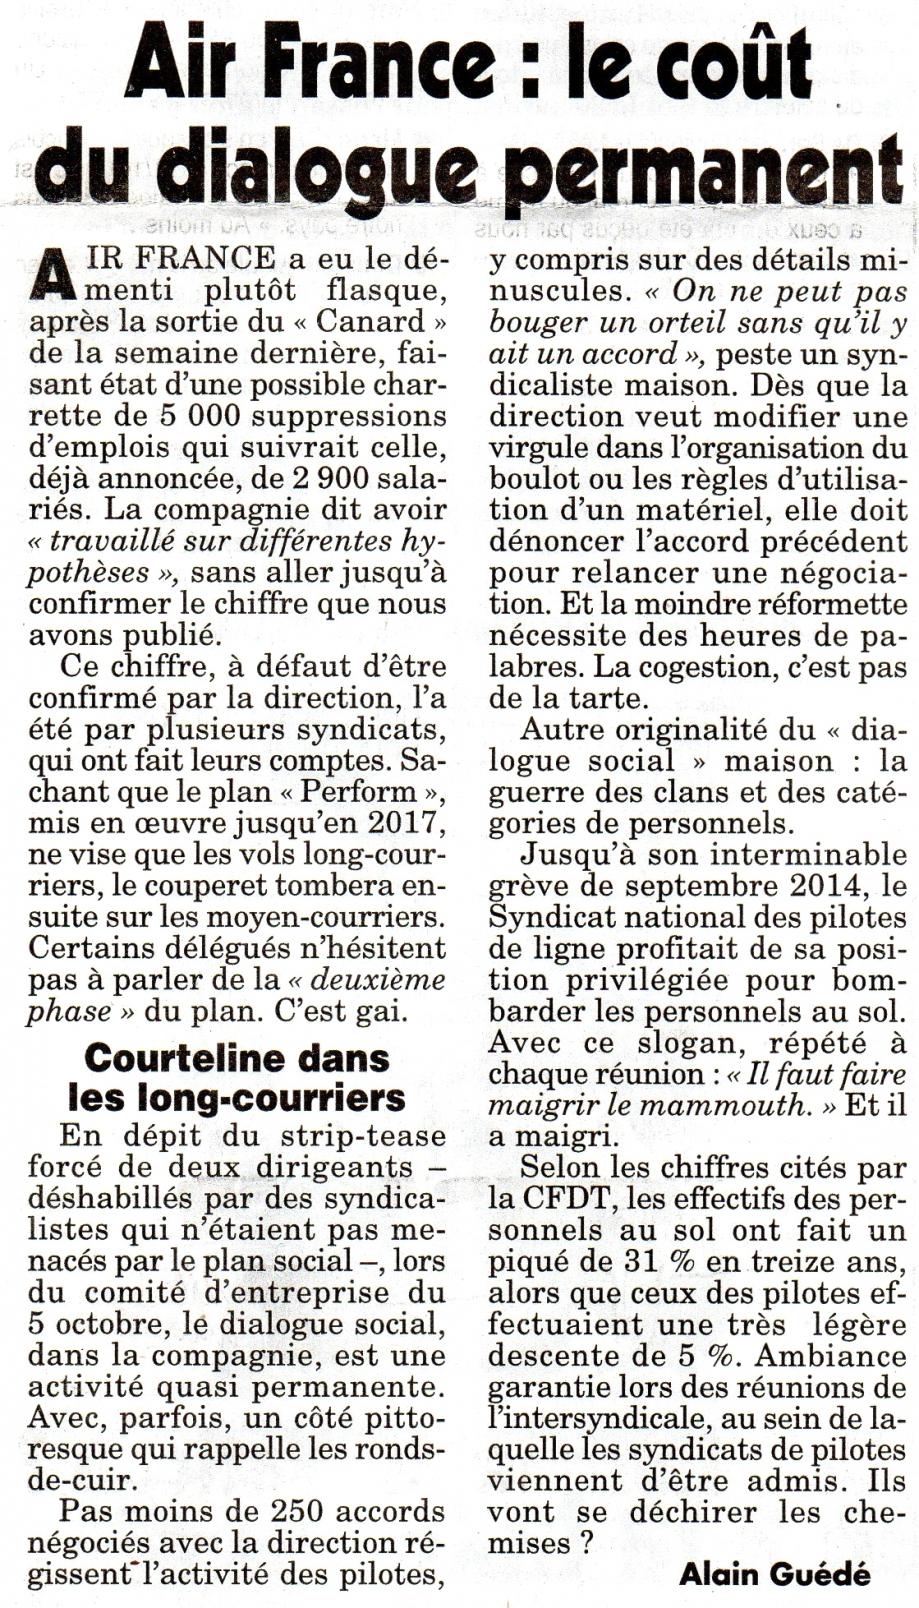 Air France le coût du dialogue permanent.jpg